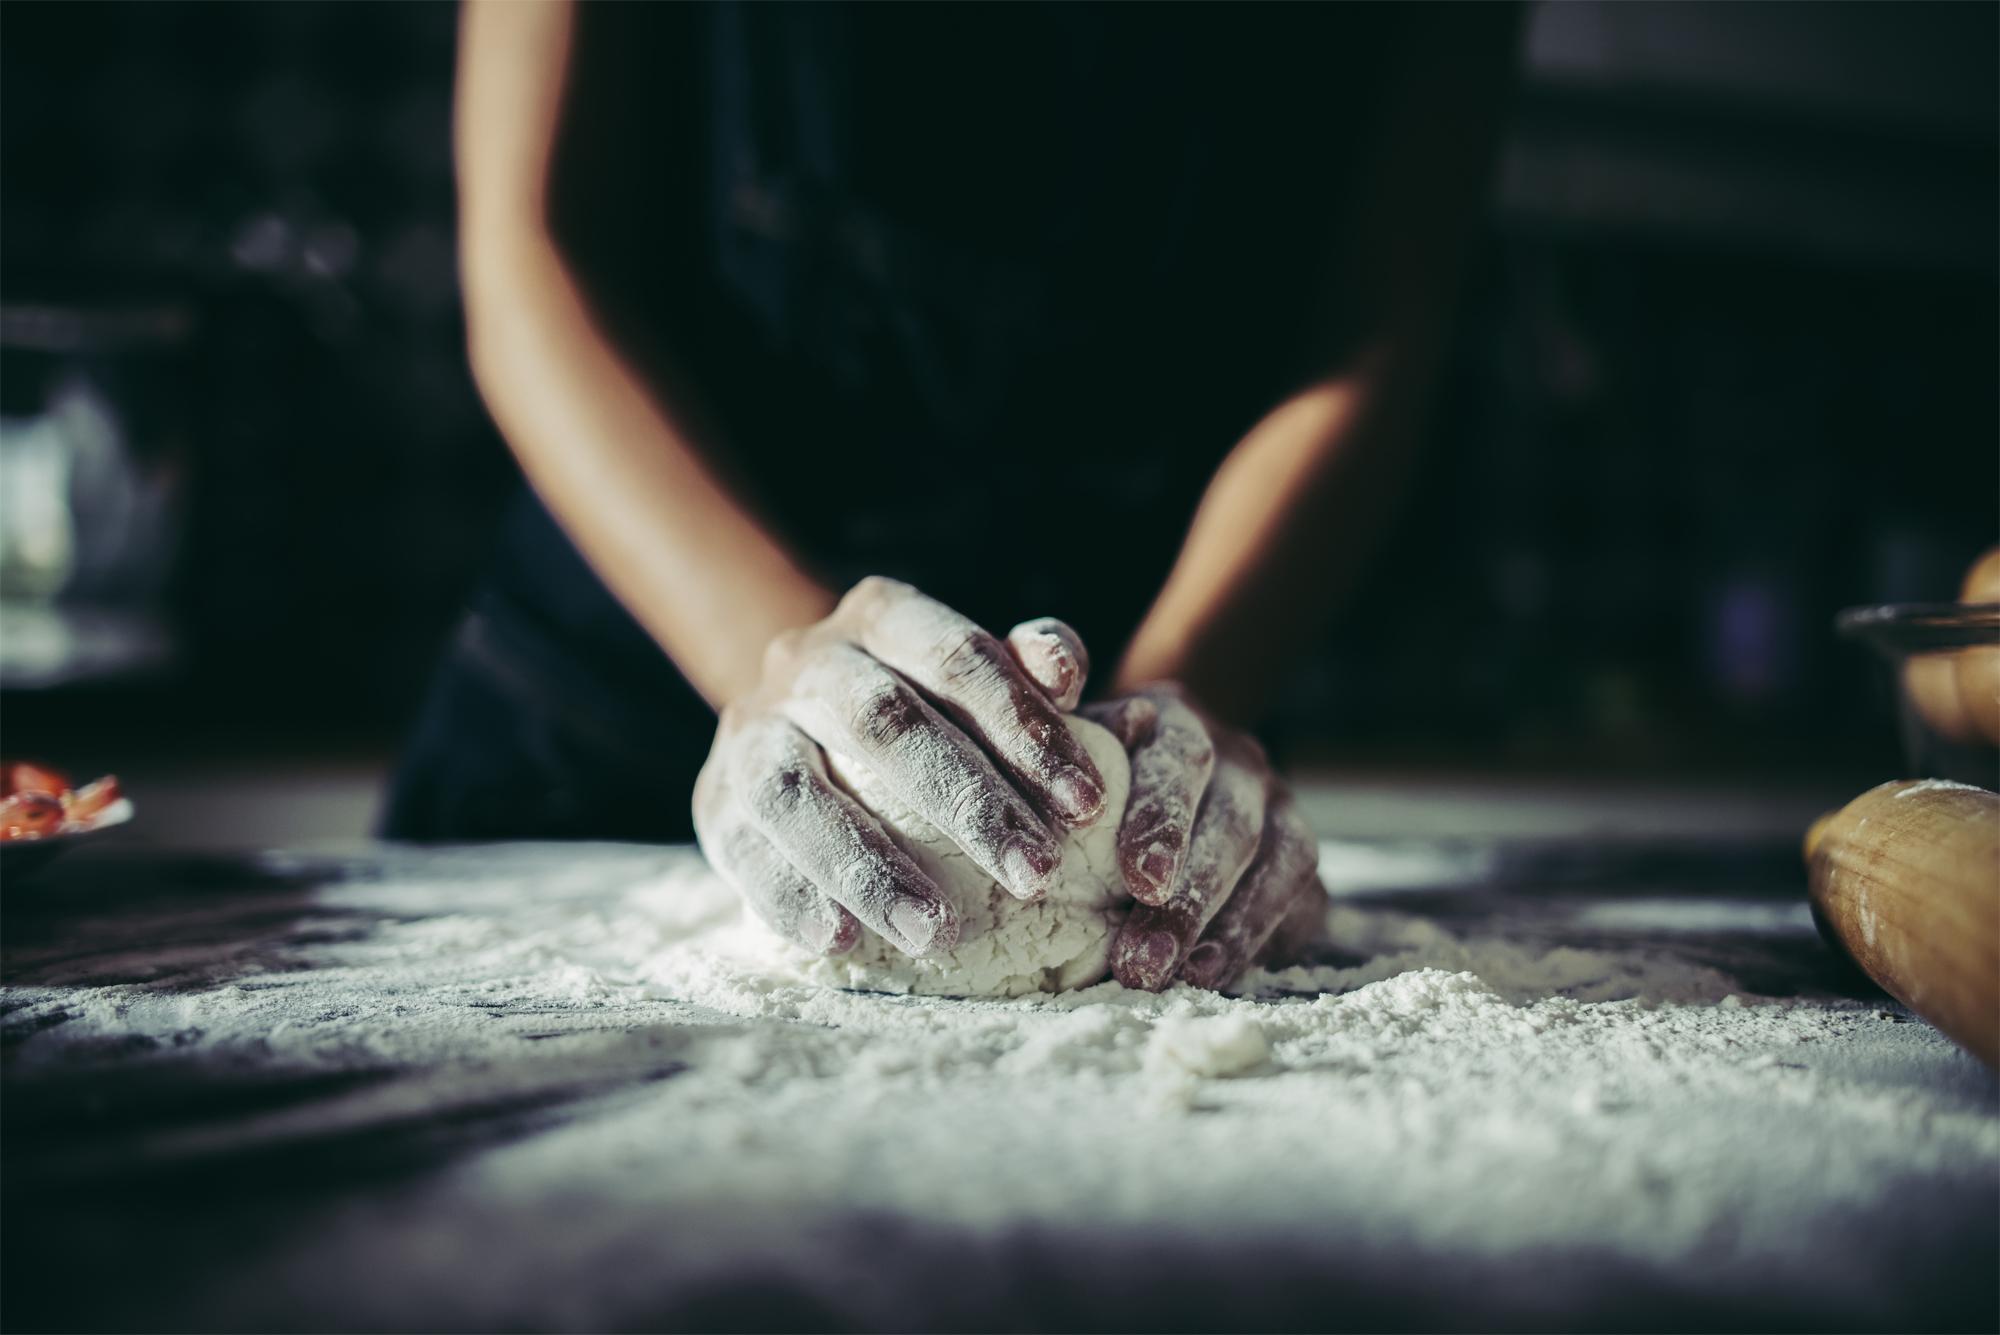 fédération de la boulangerie 64